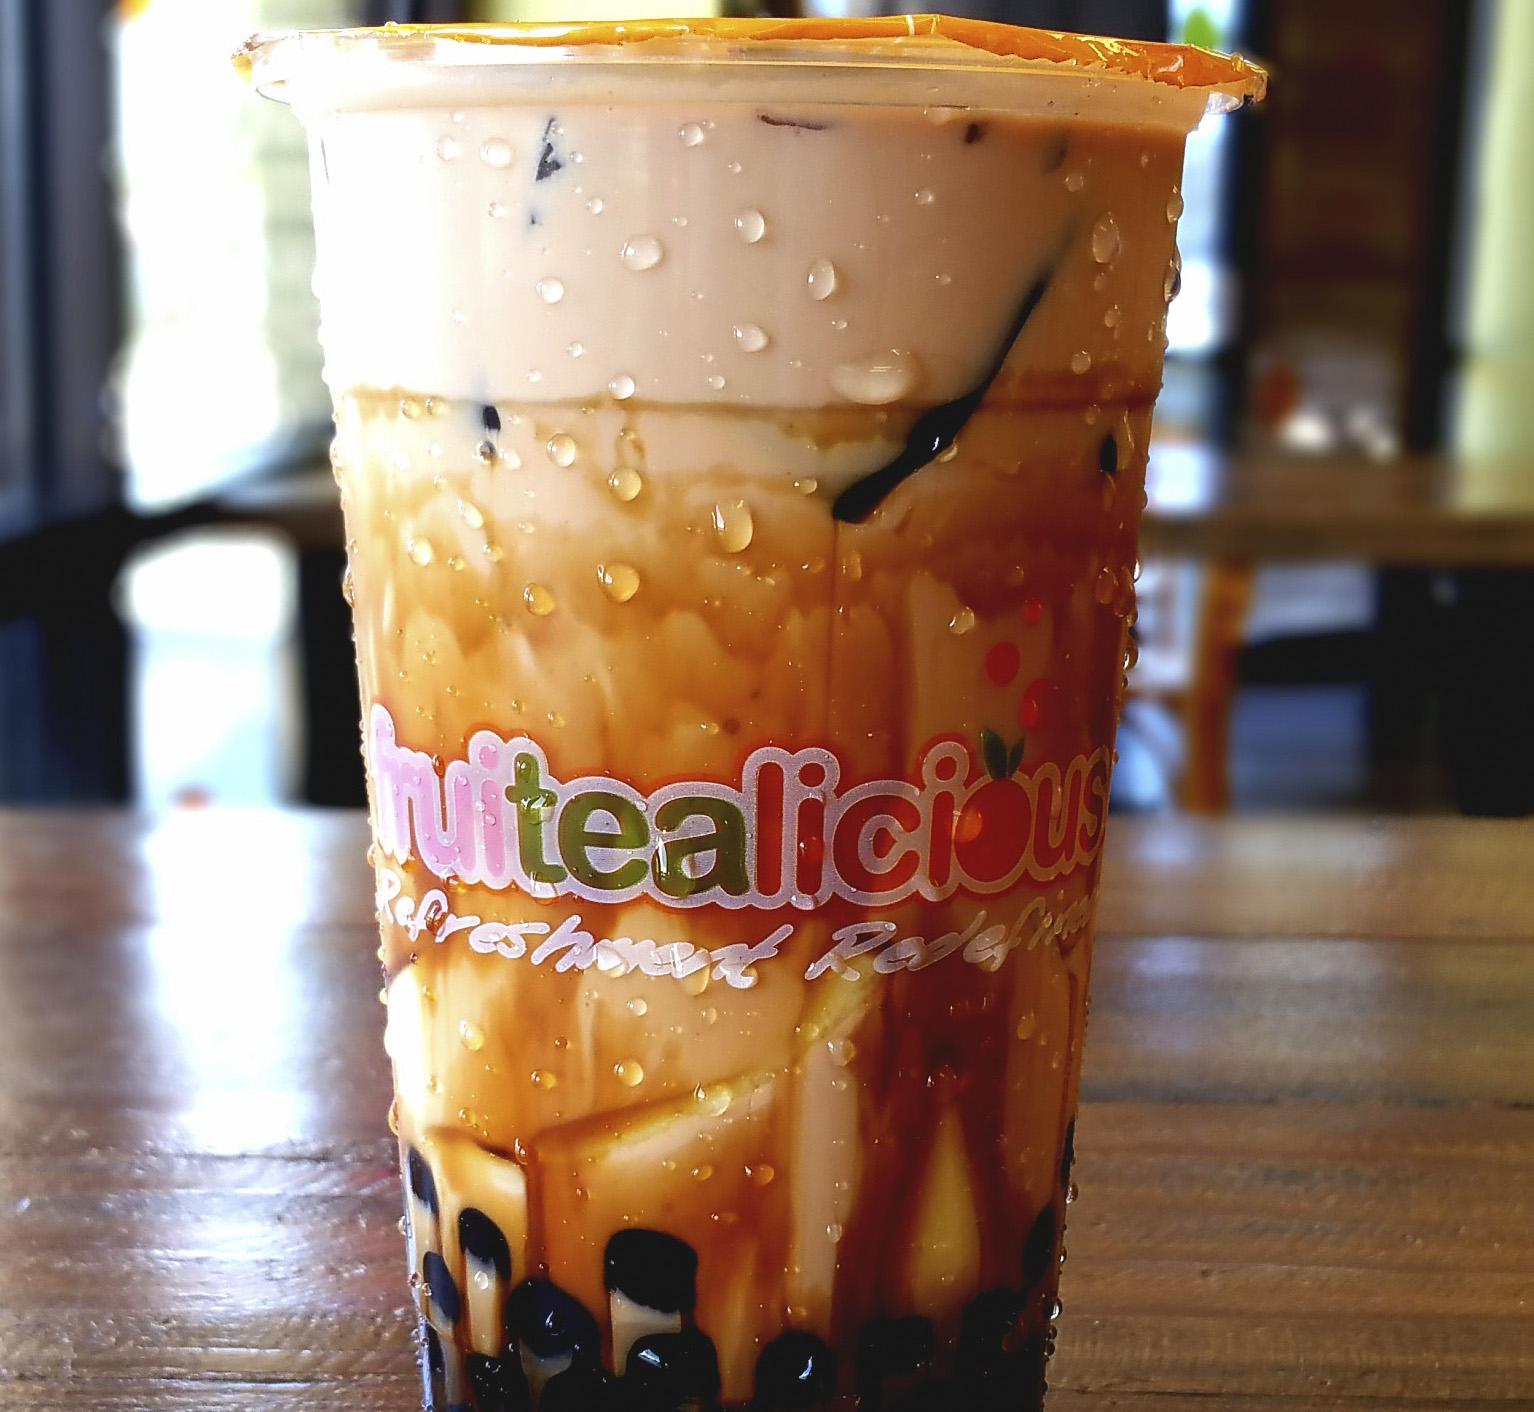 Our Famous Black Sugar Milk Tea